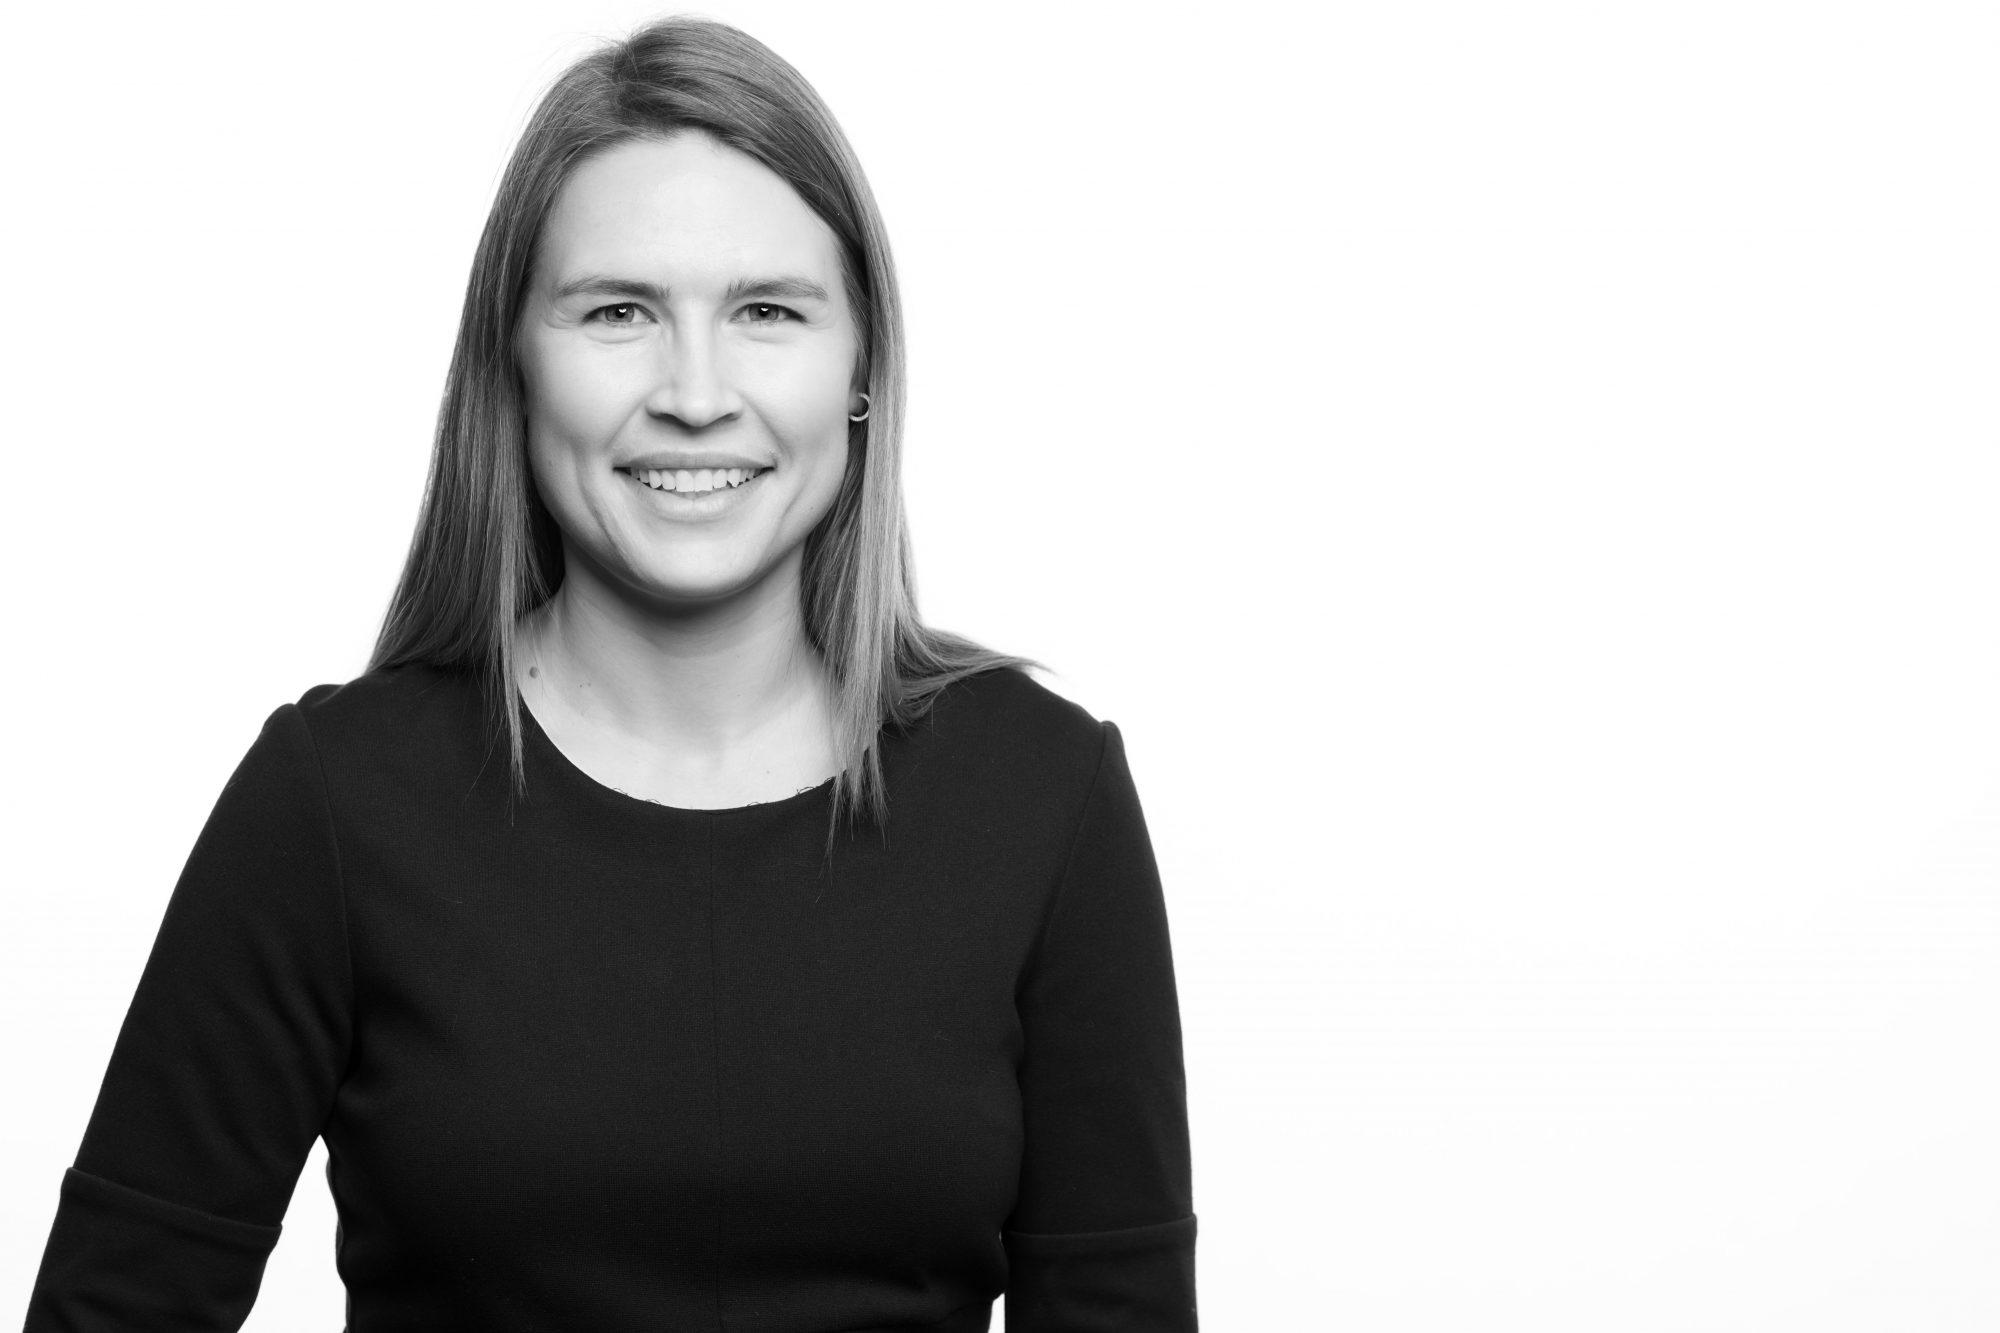 Lise Sofie Stene